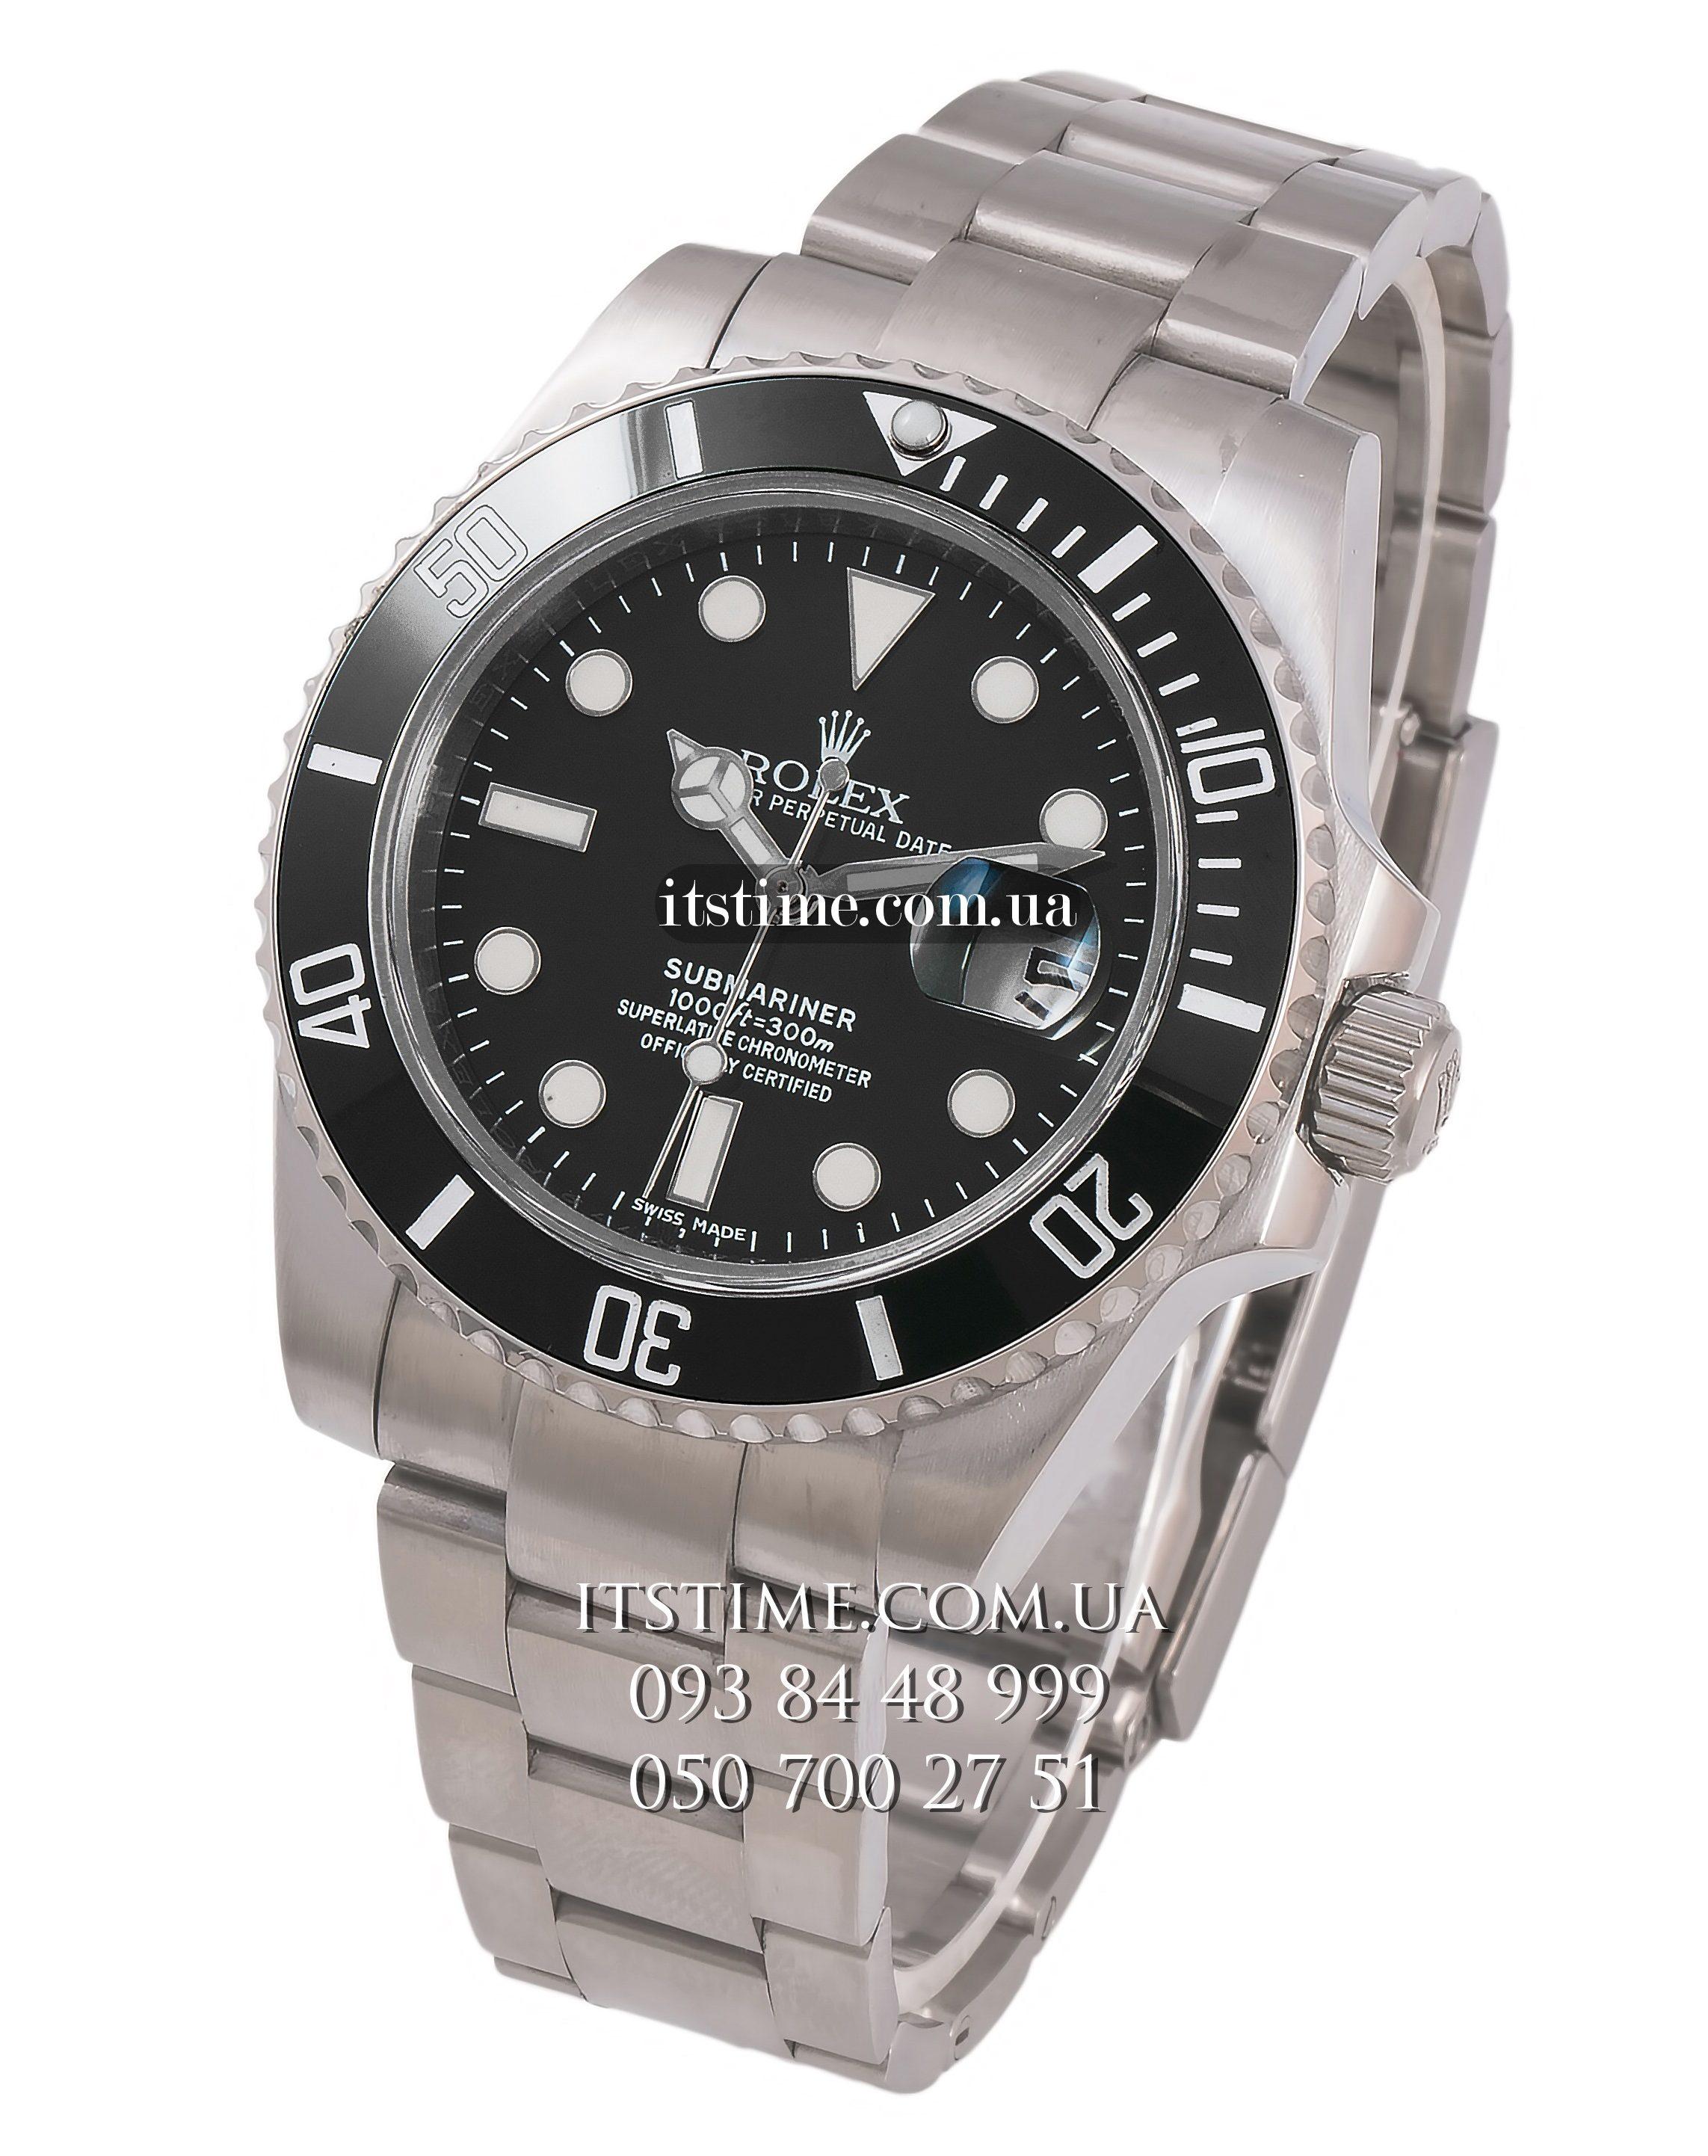 5b140cd90178 Копии часов Rolex высокого качества, с гарантией и доставкой. Не ...